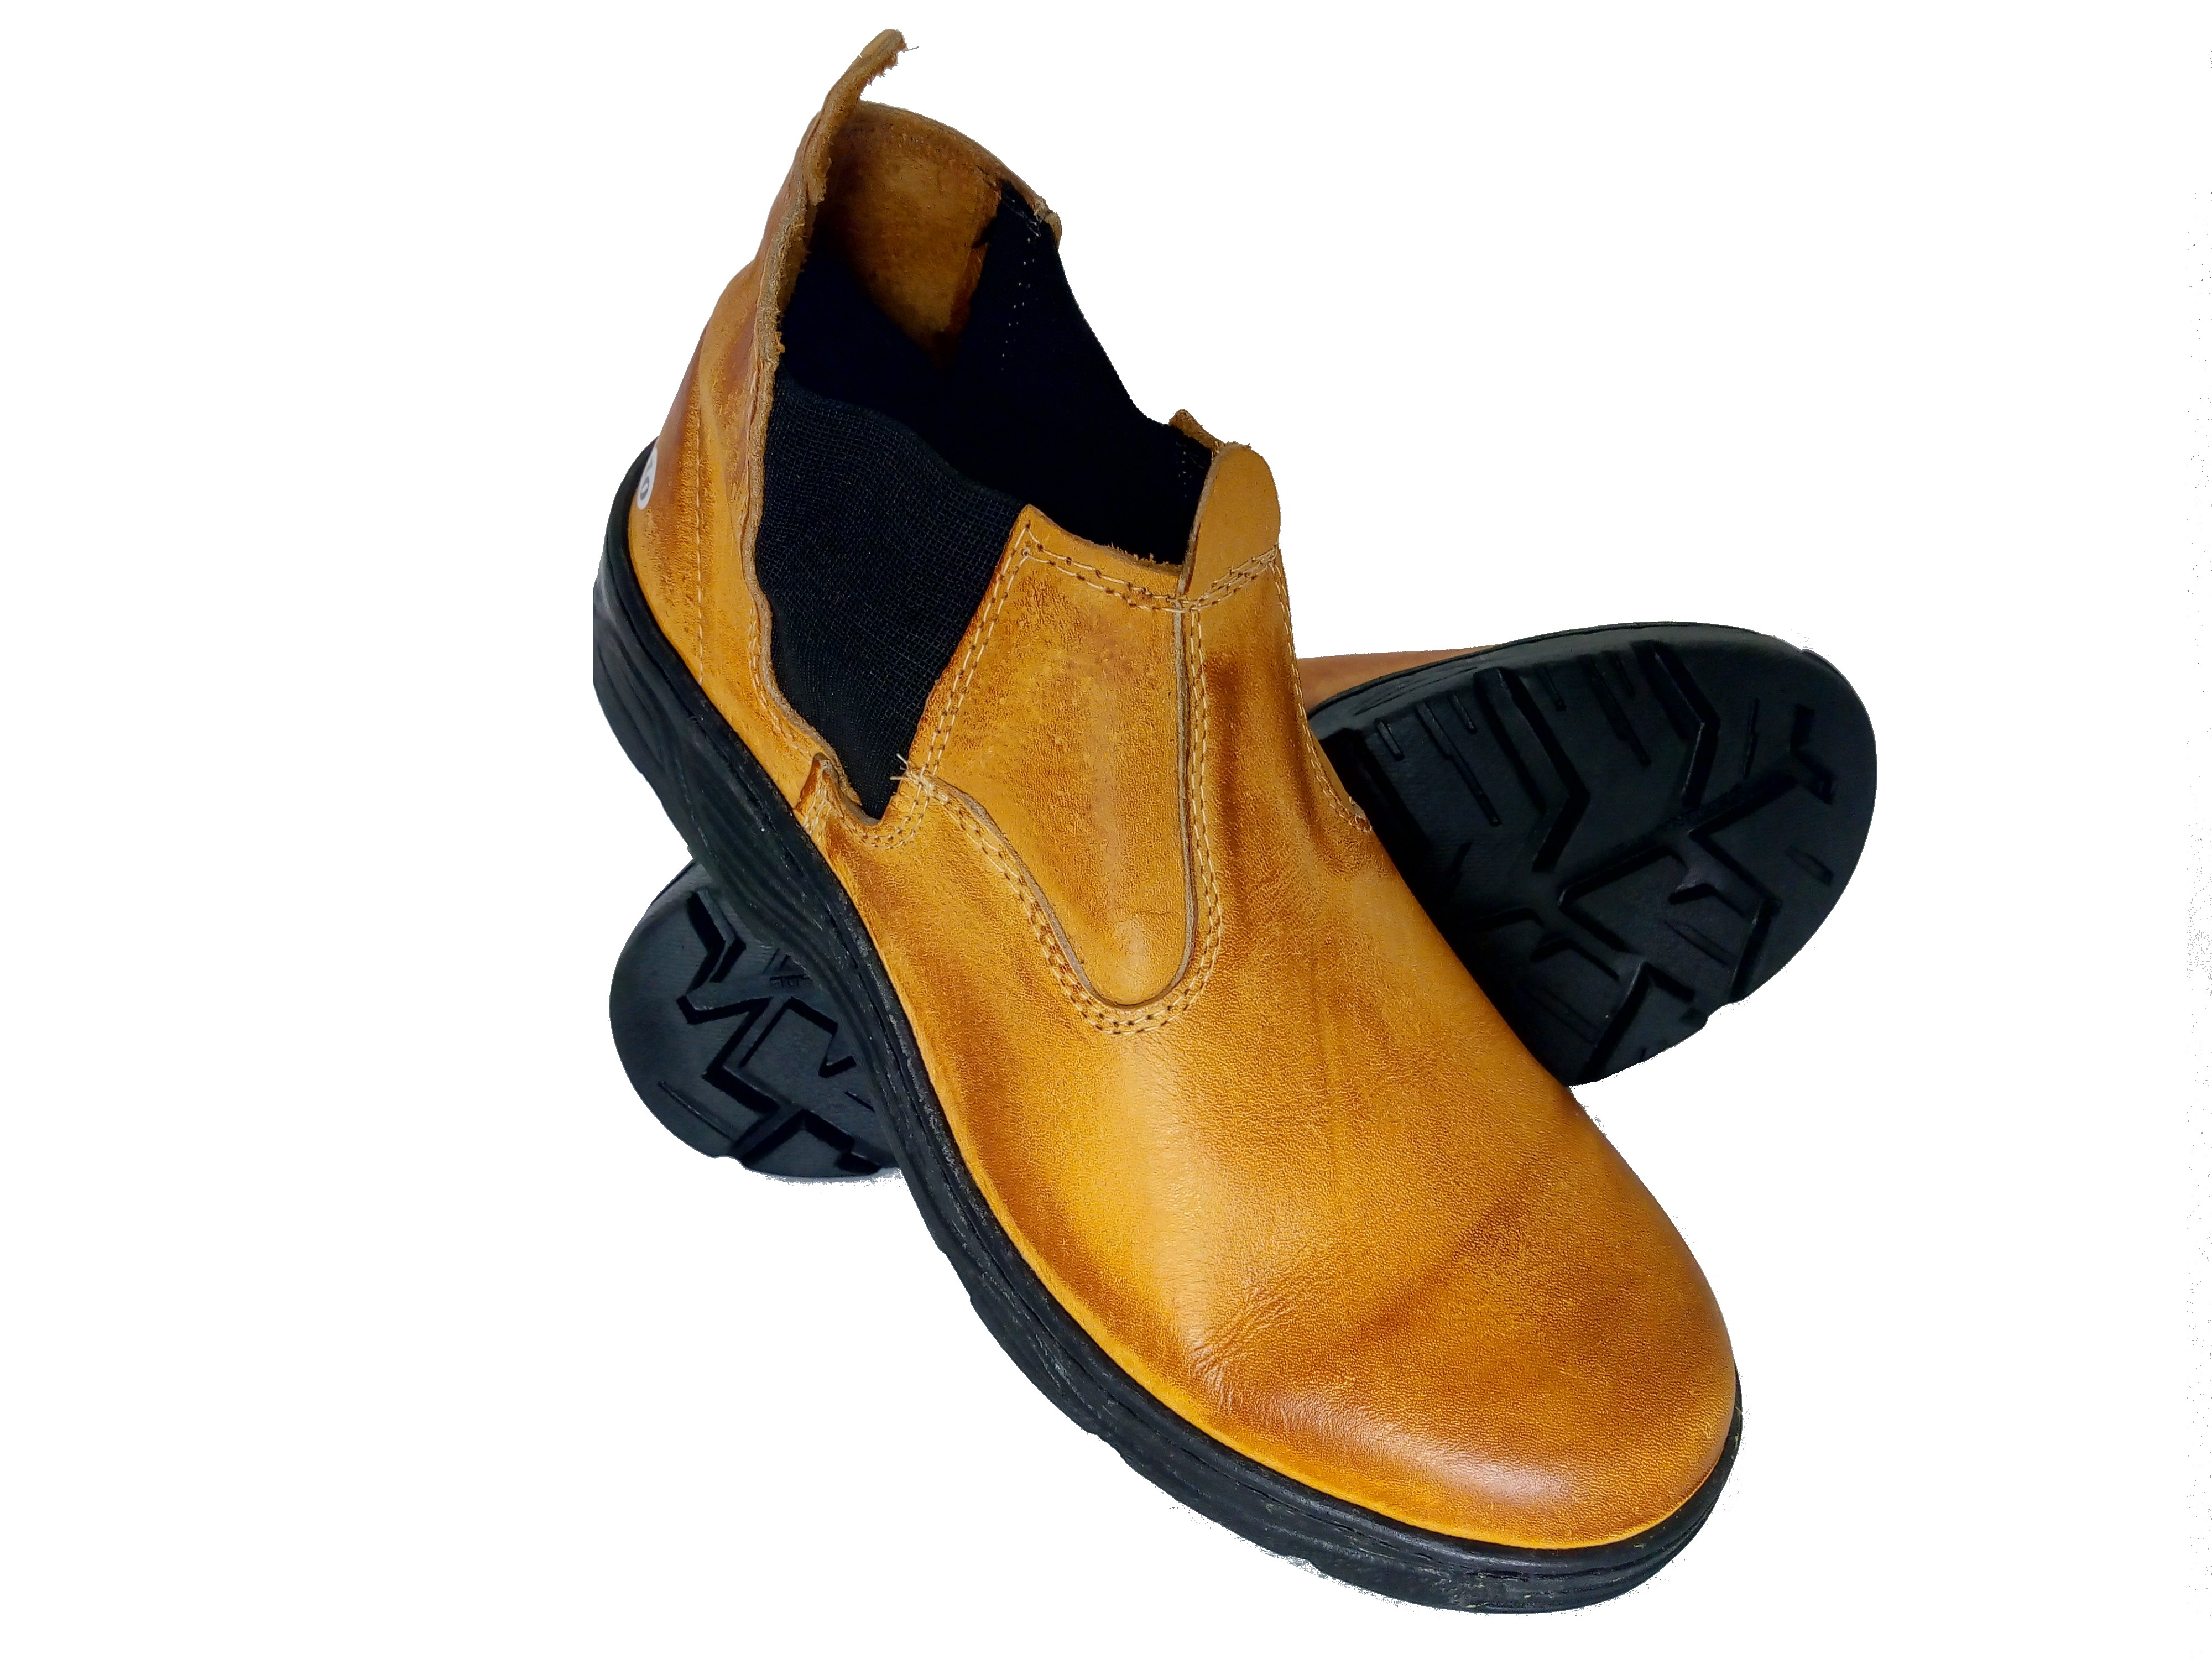 Botina Bota Segurança Trabalho Couro Latego Preto no Elo7   Calçados Correa  (DFA304) 8b4d1f4970